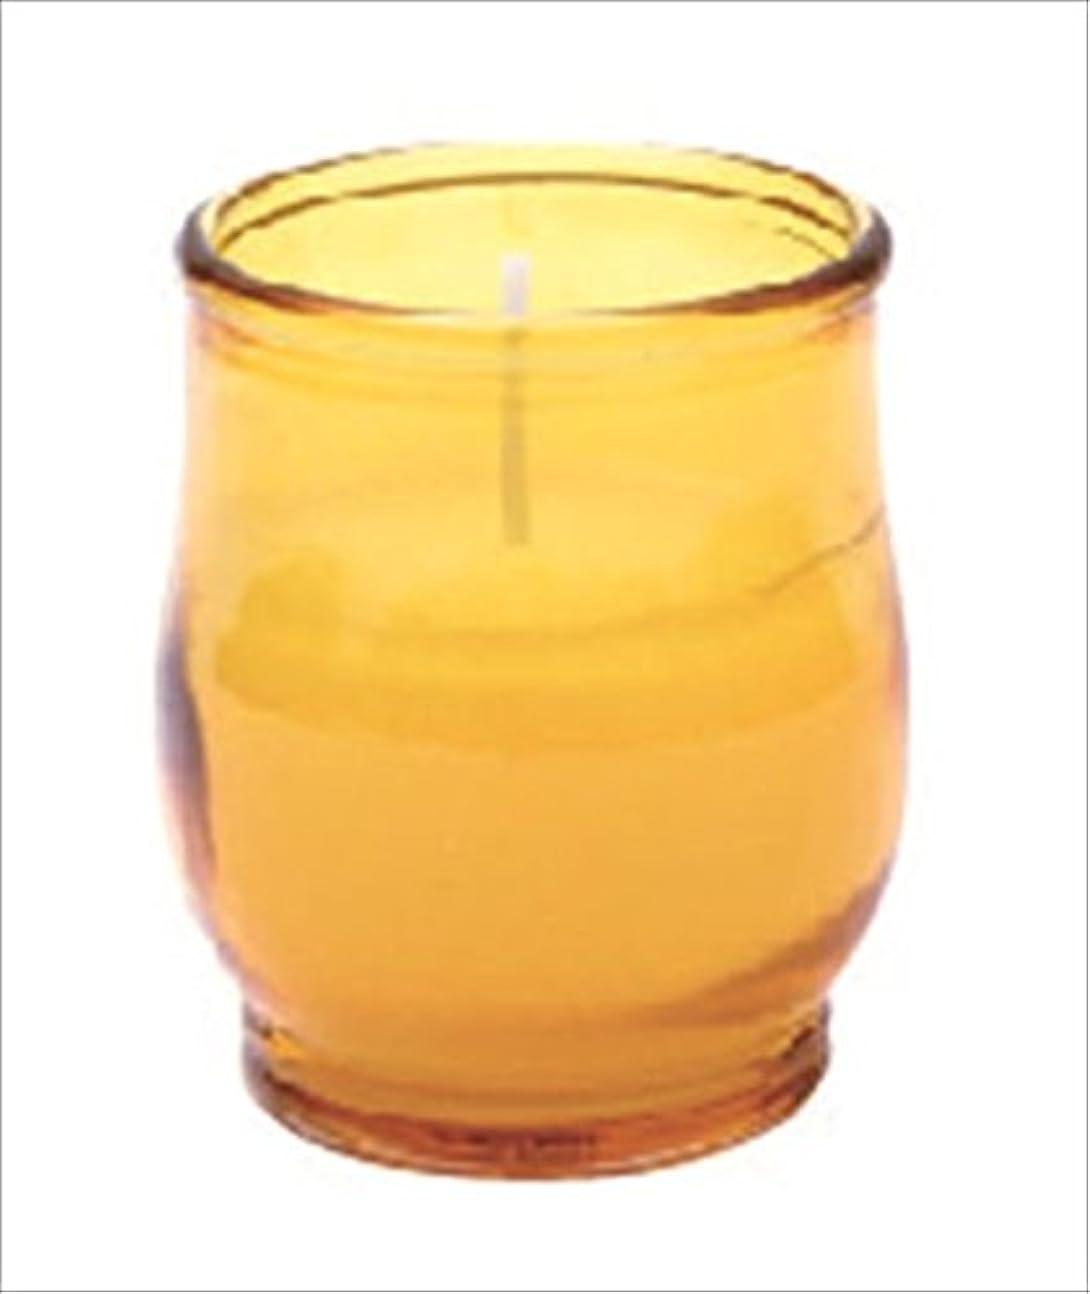 鋼品申し込むkameyama candle(カメヤマキャンドル) ポシェ 「 アンバー 」 キャンドル 68x68x80mm (73020040AM)